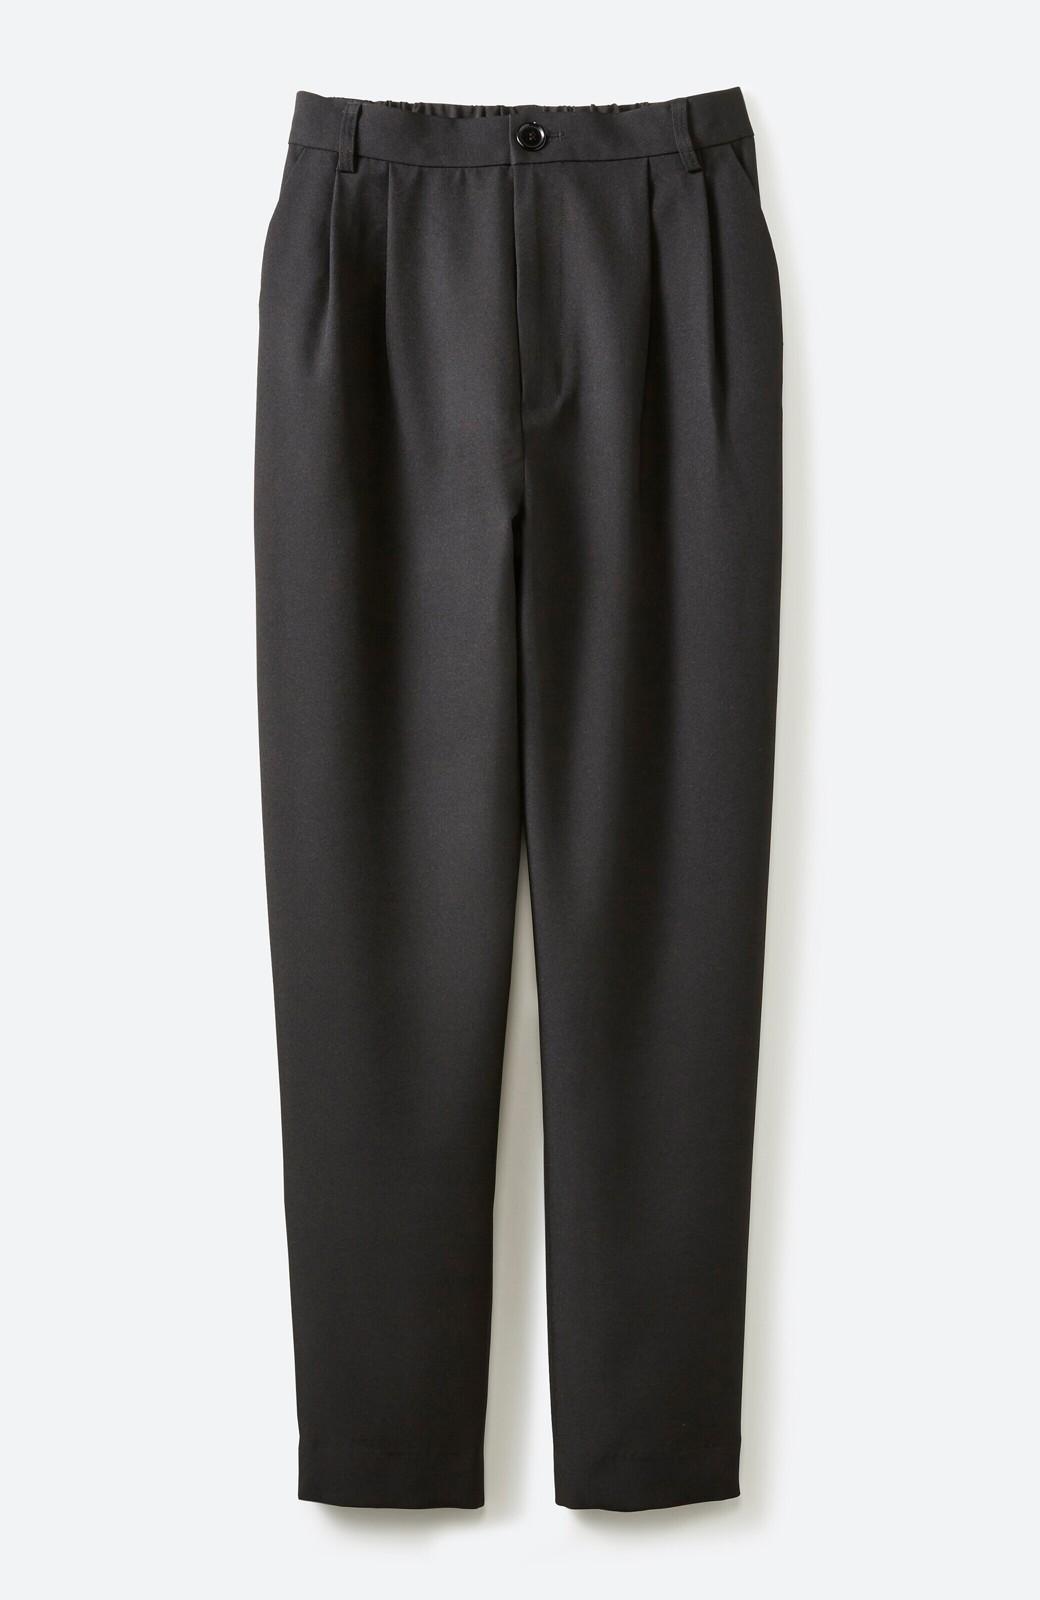 haco! 持っていると便利な野暮ったくならないフォーマルジャケット・パンツ・スカートの3点セット <ブラック>の商品写真4